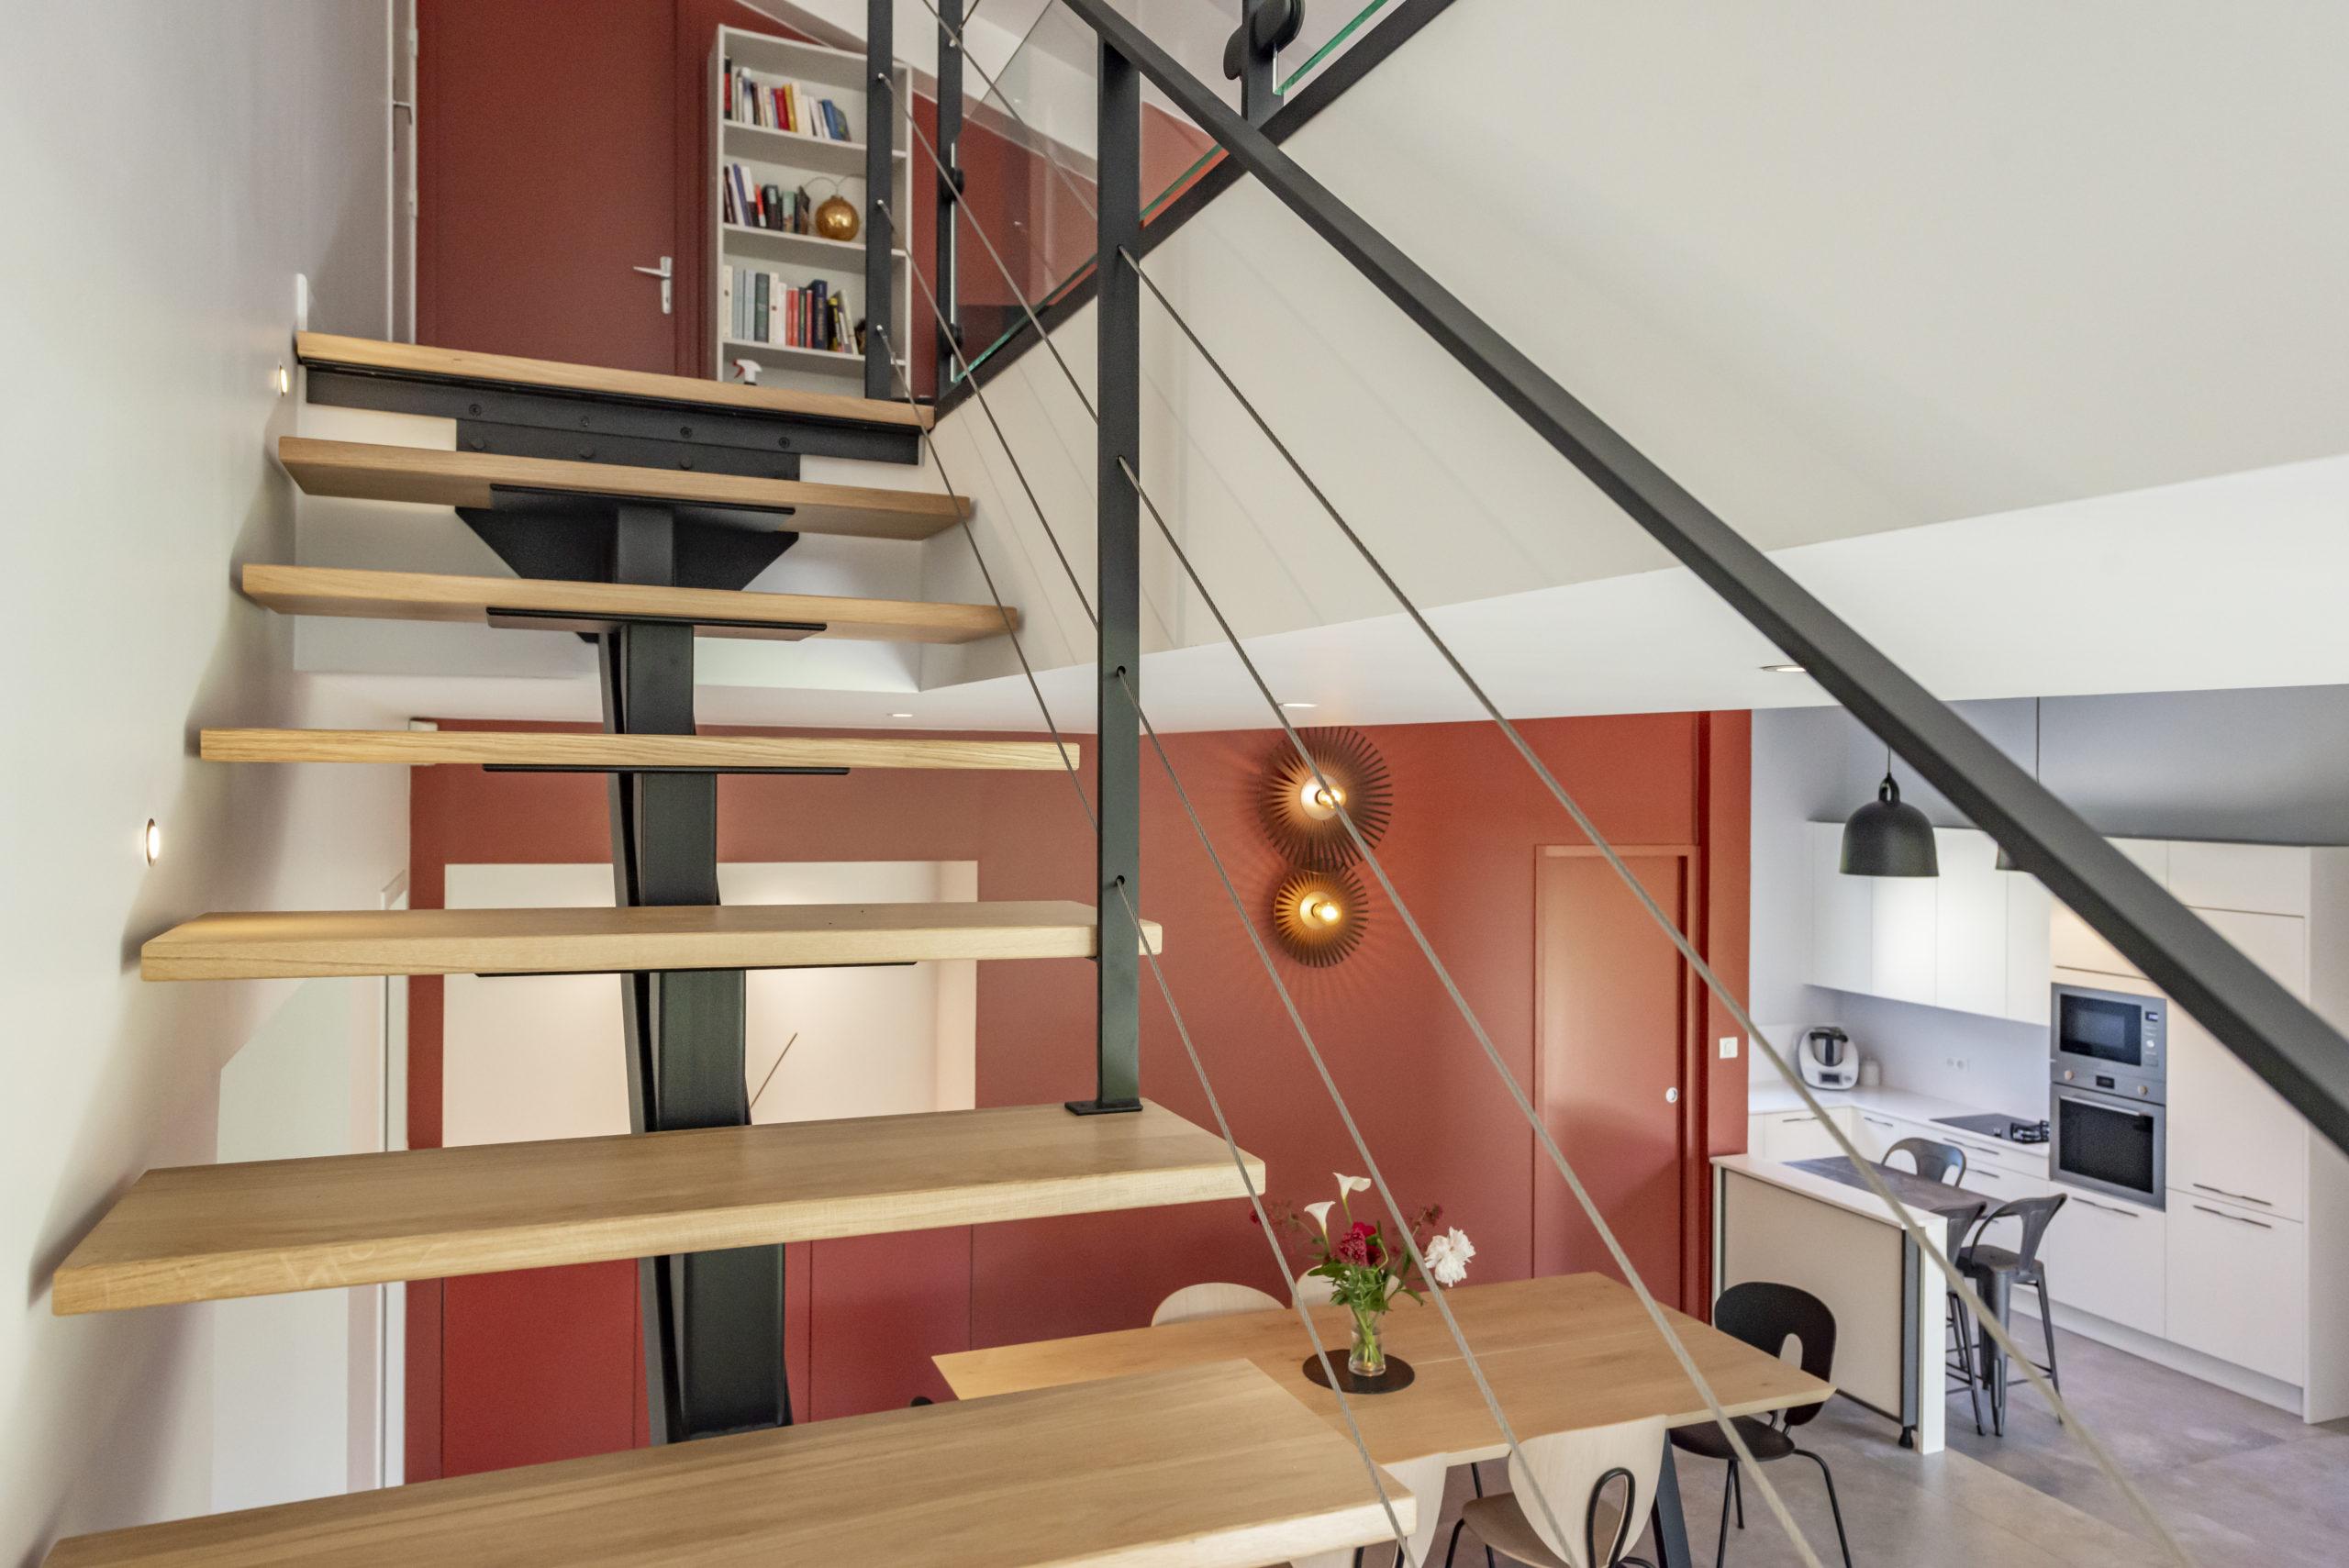 08-detail-escalier